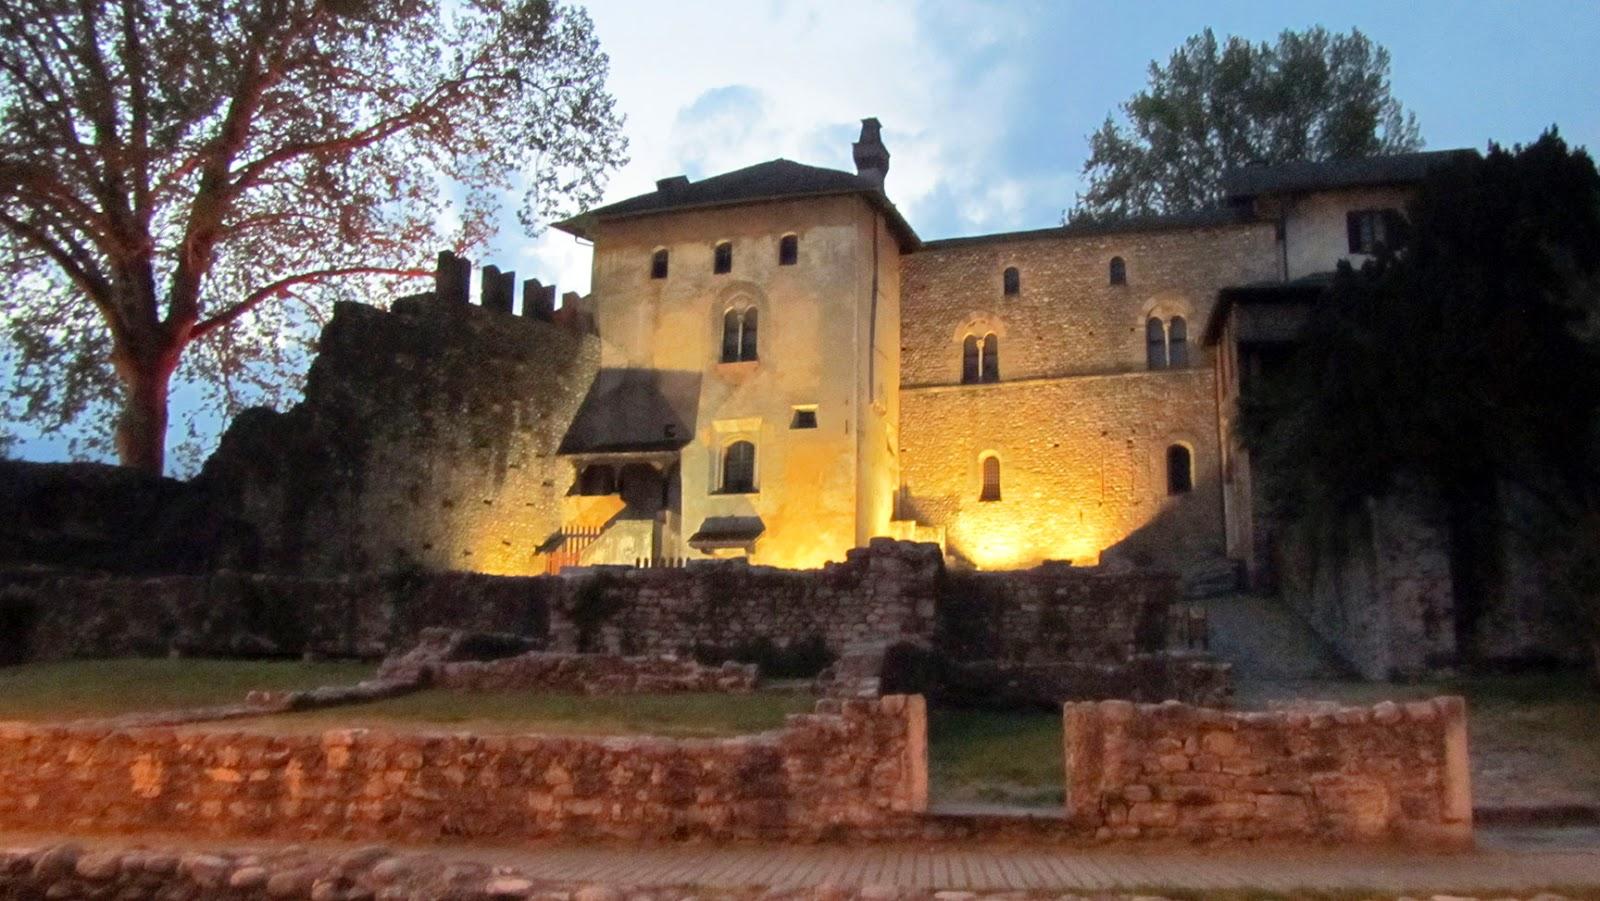 Ticino_Locarno Castello Visconte